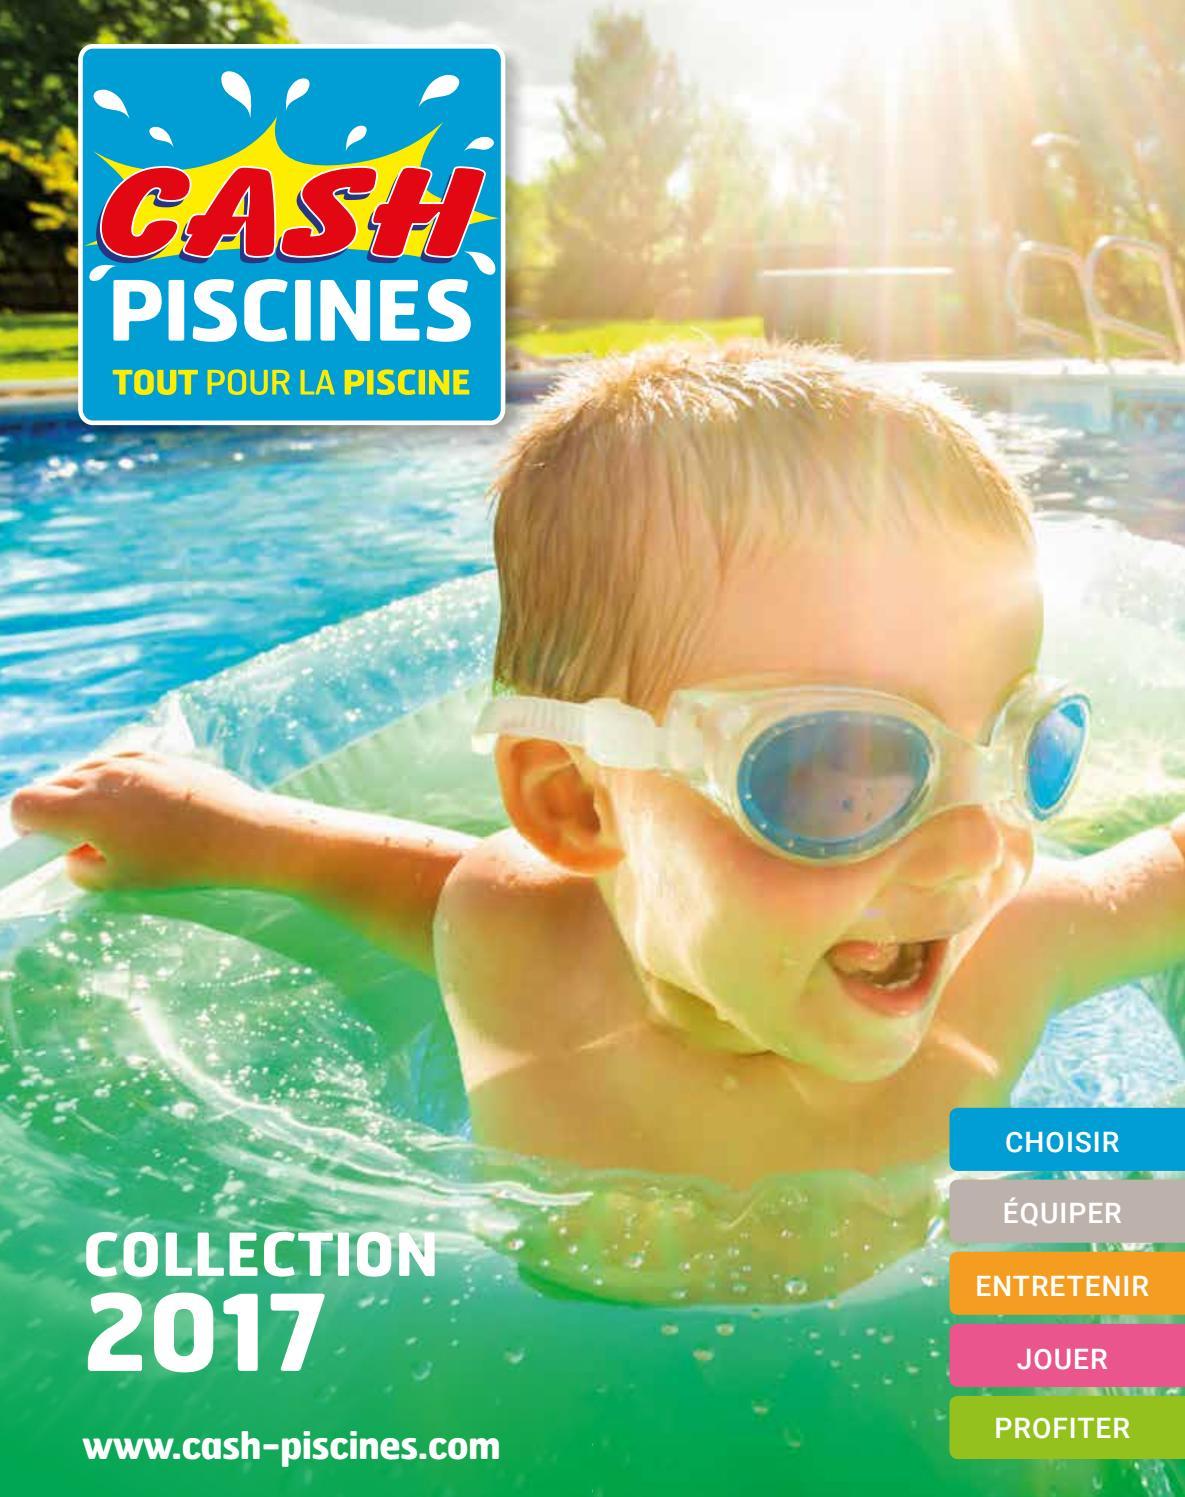 Catalogue Cash Piscine 2017 By Octave Octave - Issuu serapportantà Cash Piscine Saint Jean De Vedas